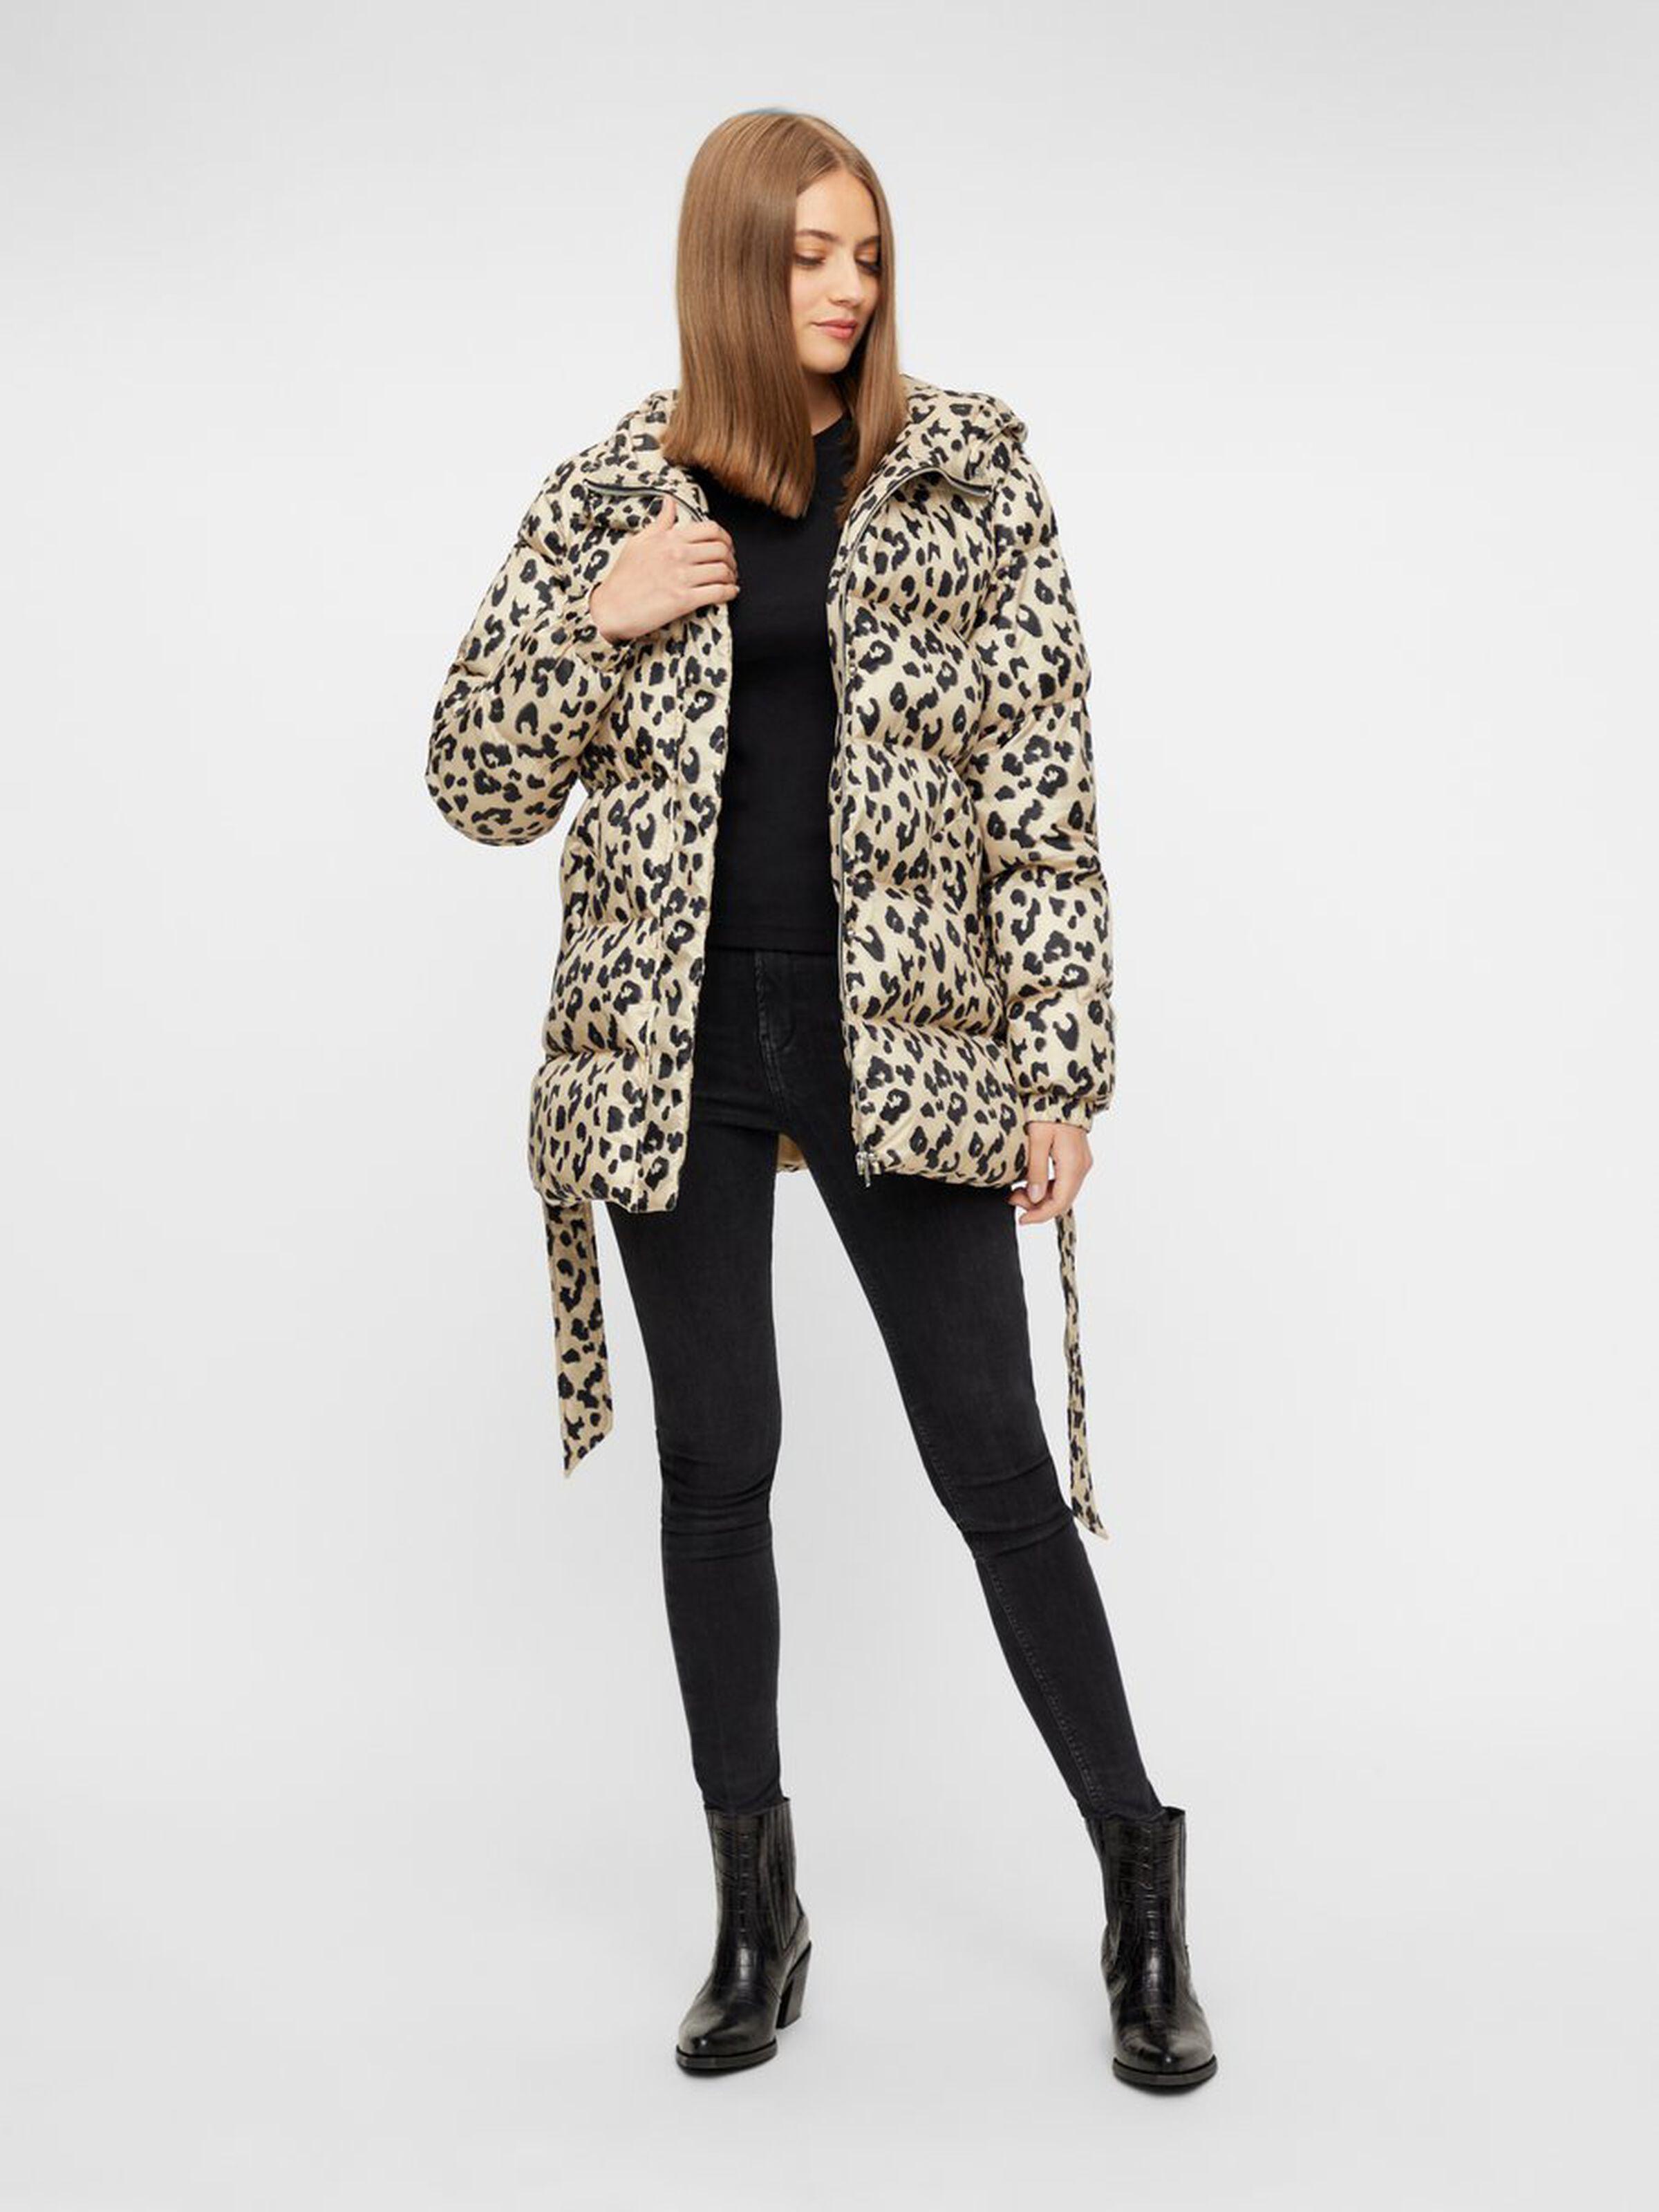 SALE Emma Leopard Print Hooded Jacket was £65.00